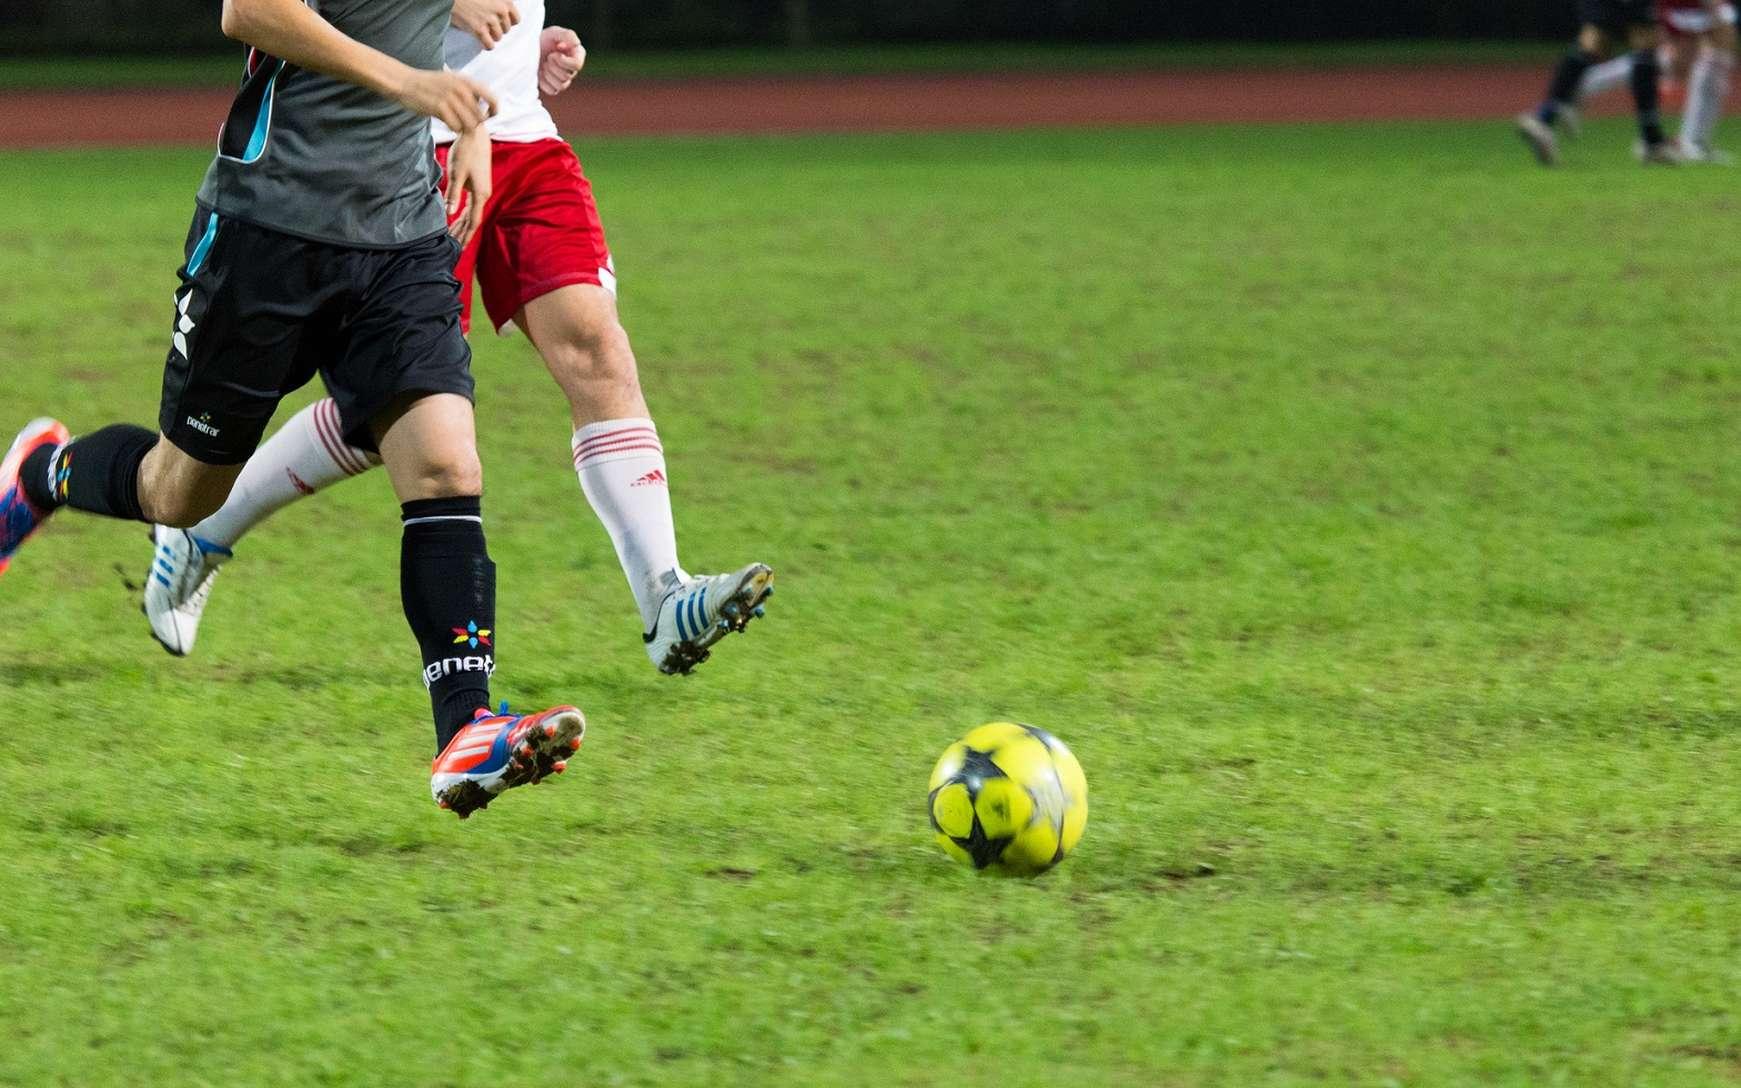 Les adducteurs sont sollicités lors de certains sports comme le football. © See-ming Lee, Flickr, CC by 2.0